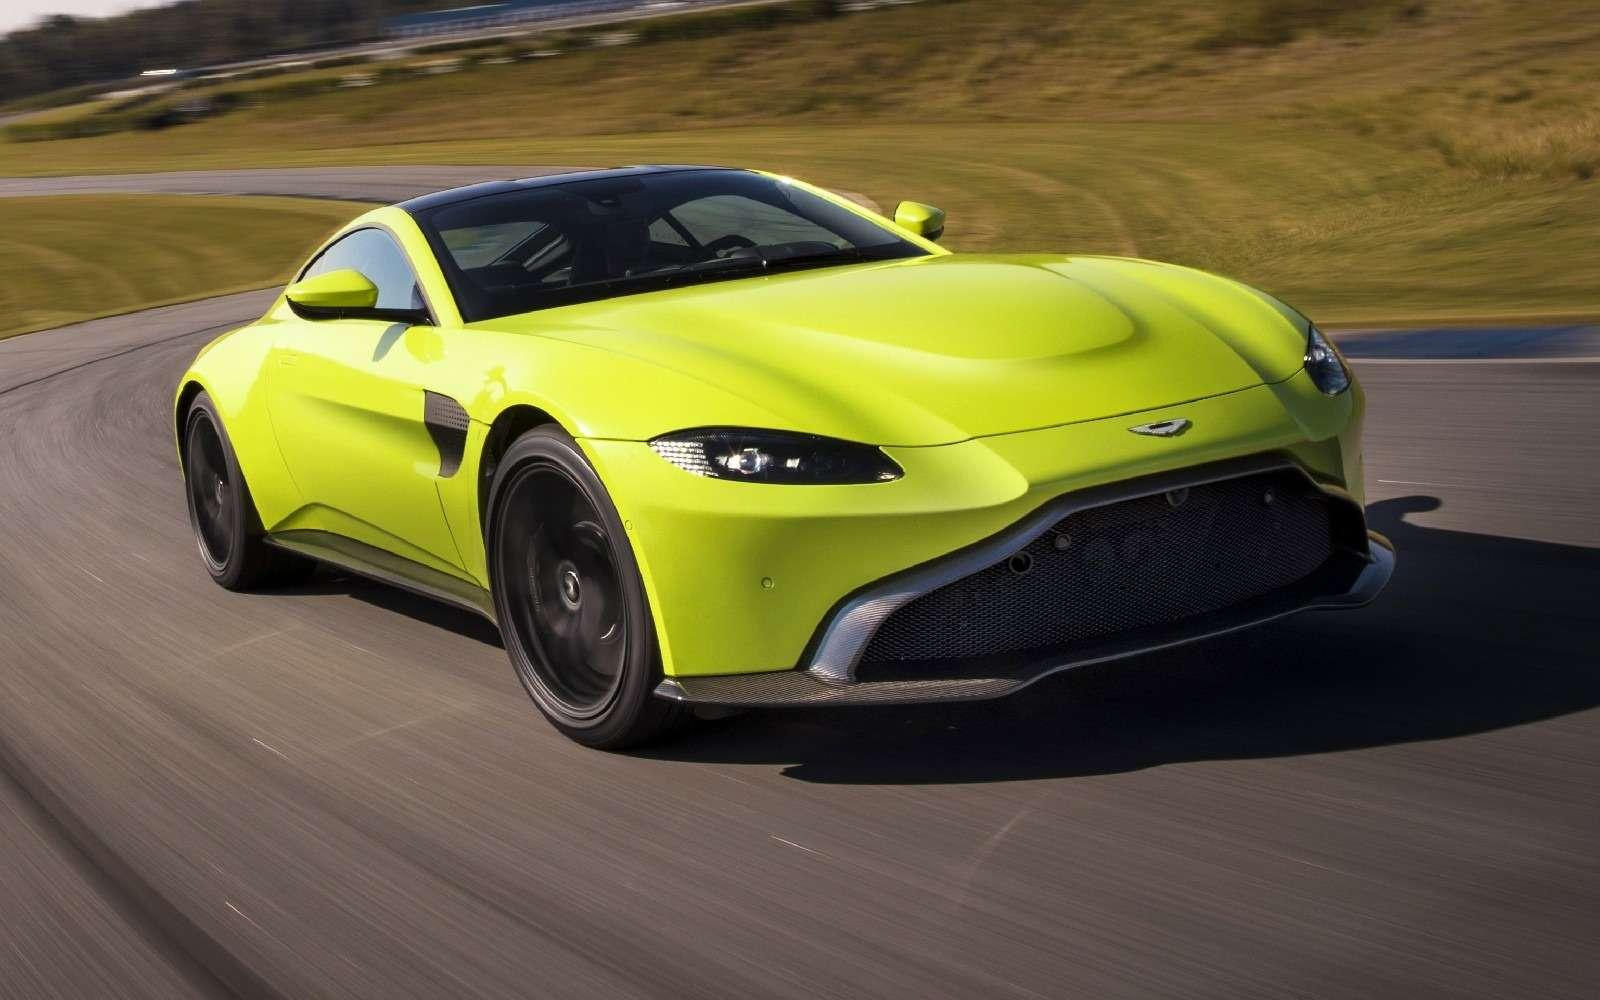 Проверено Джеймсом Бондом: представлен новый Aston Martin Vantage— фото 818845